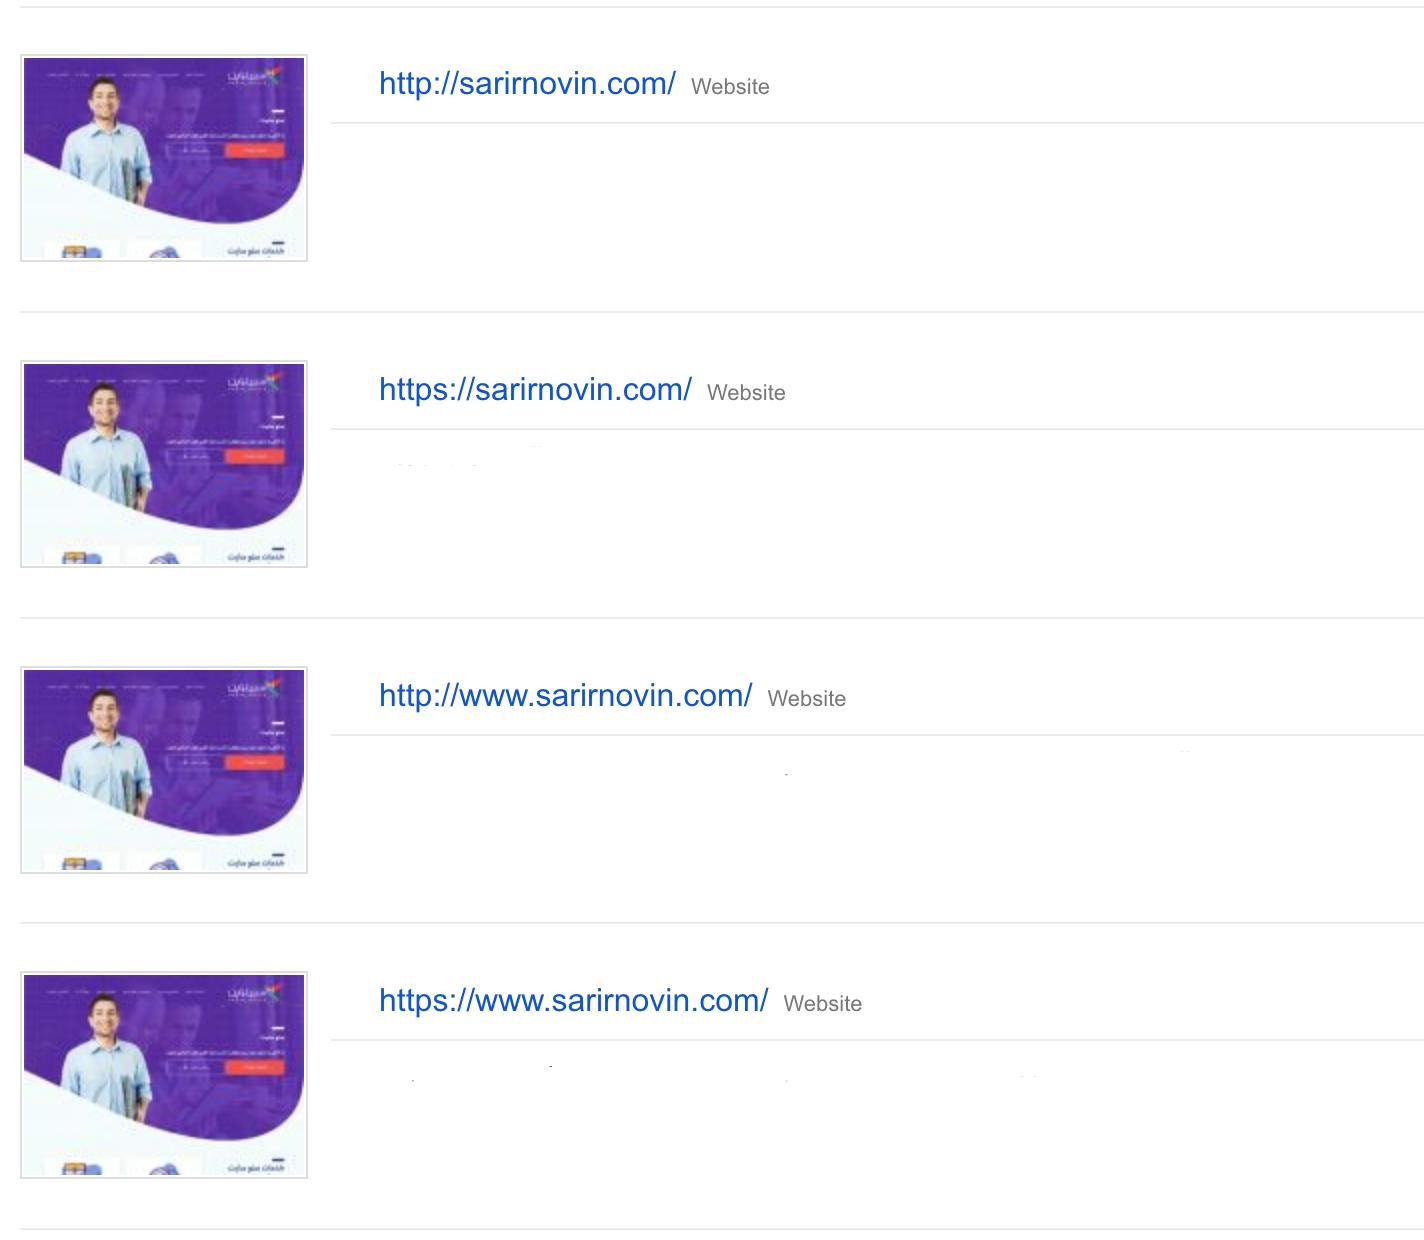 ثبت سایت در کنسول گوگل با ۴ حالت آدرس دهی